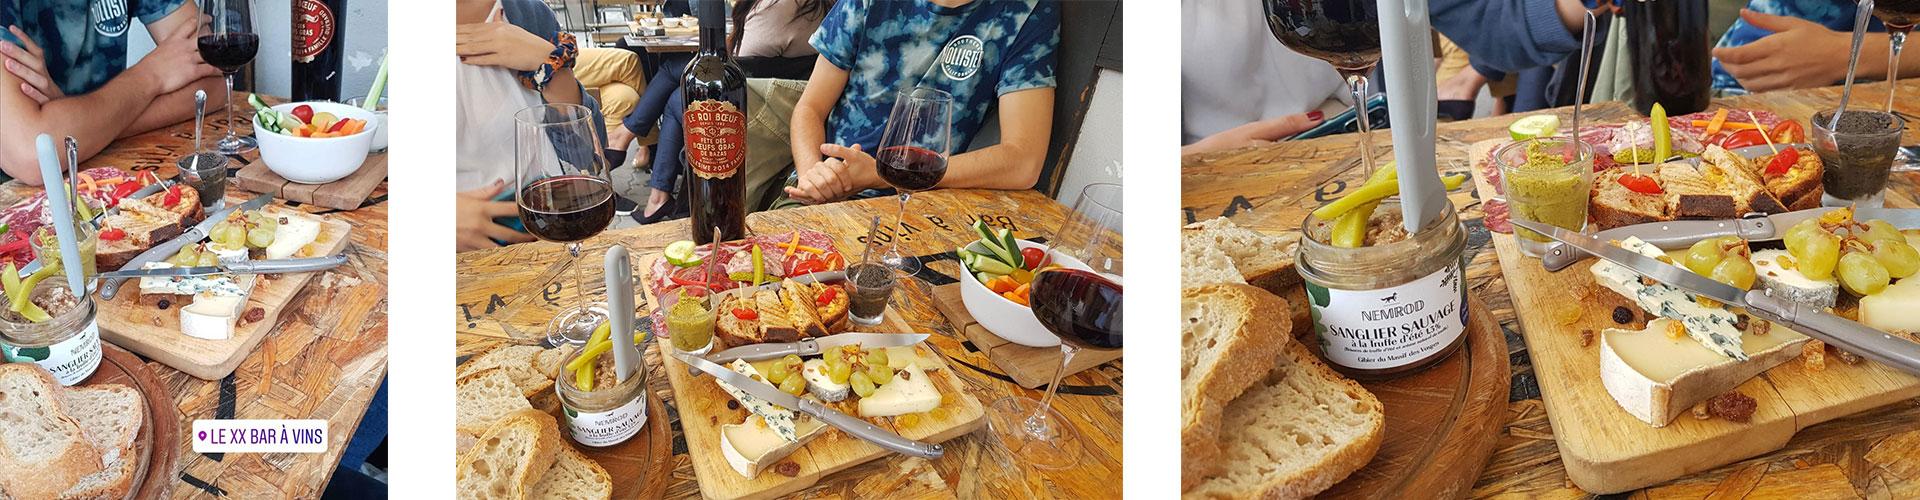 le XX bar à vins